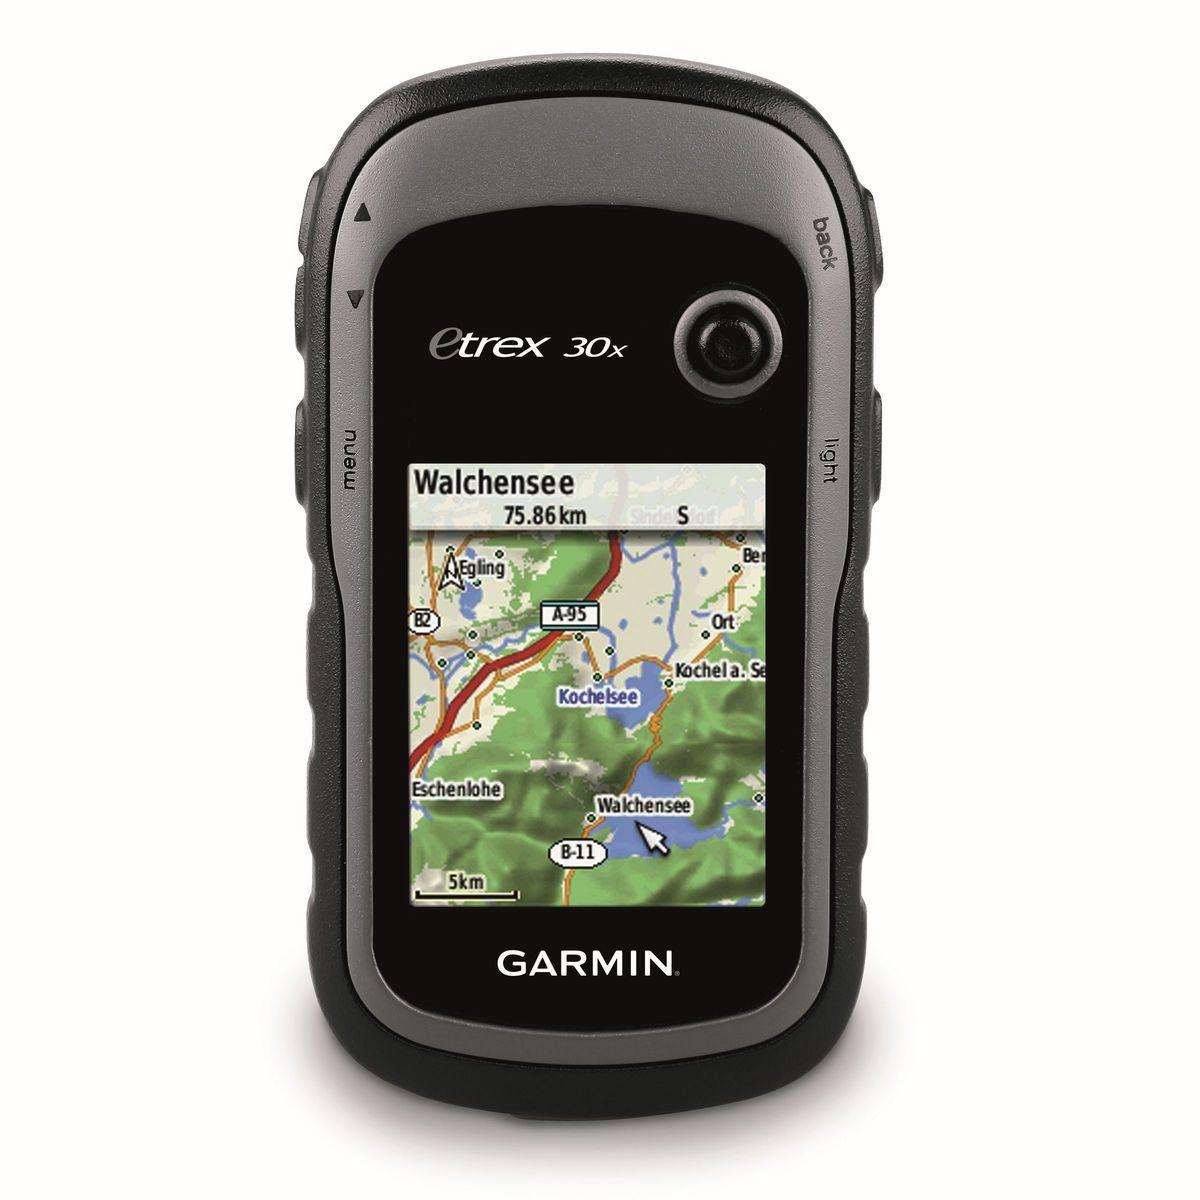 Garmin Outdoor-Navigationsgerät »eTrex 30x inkl. TopoActive-Karte (Westeuropa)«